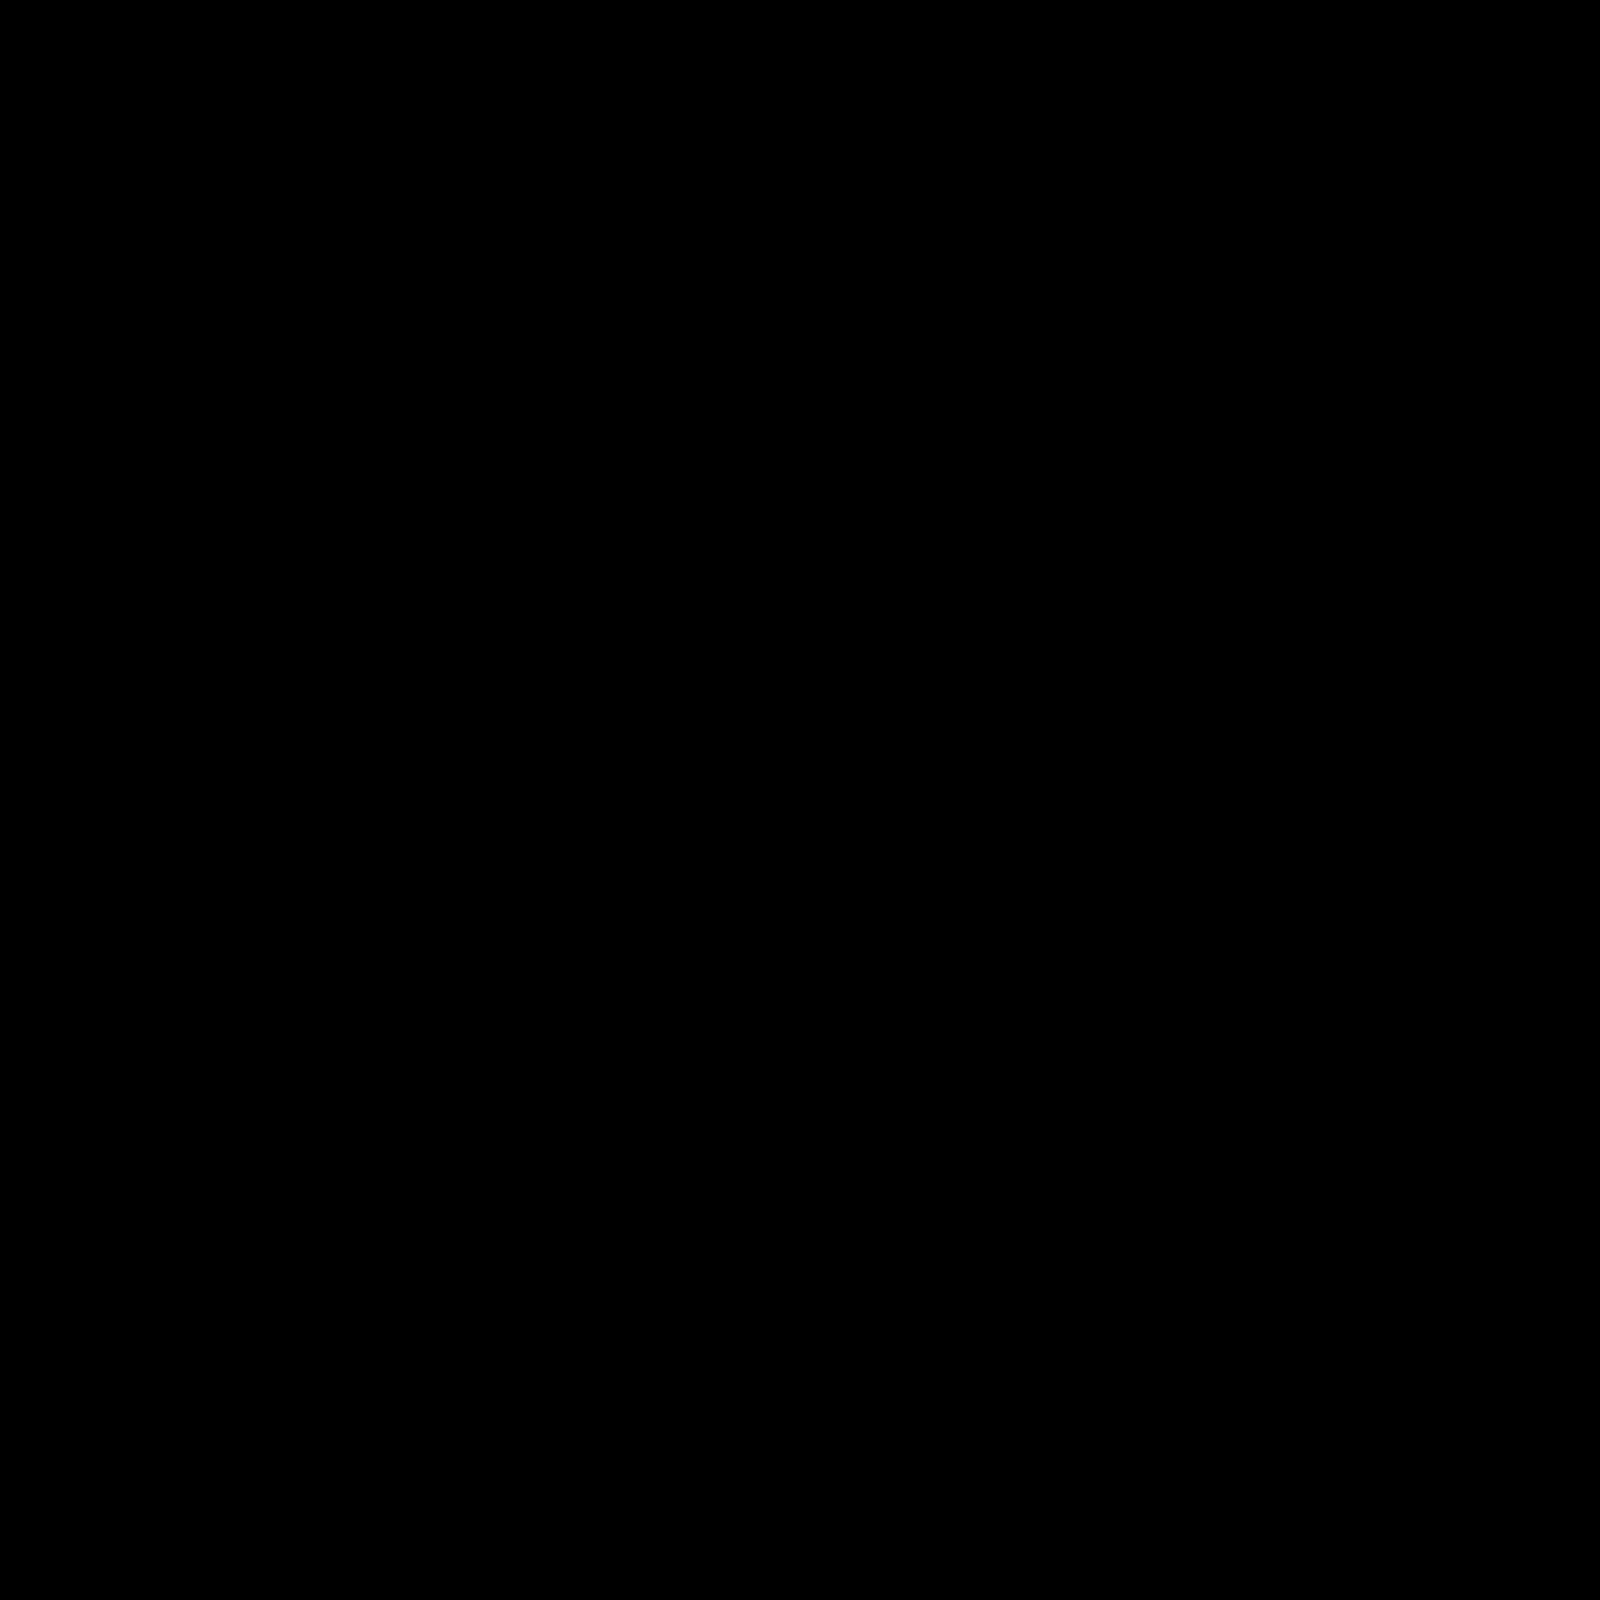 Коллекция иконок Icons8 уникальна тем, что предоставляет огромное  количество иконок, разработанных одной командой из четырех дизайнеров,  которые создают ... 5ebc4fe1aa7